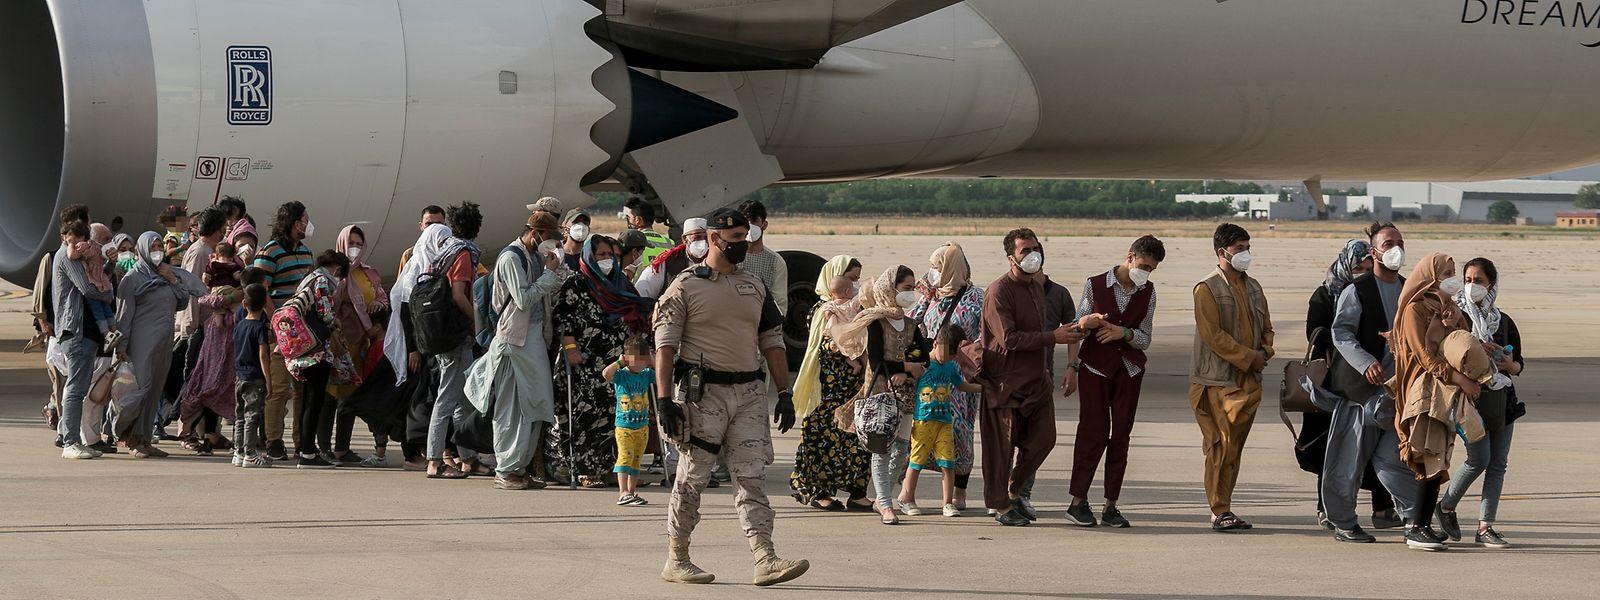 Le ministère des Affaires étrangères indique que les deux représentants de l'armée et du ministère seront tout de même envoyés sur place pour évacuer les ressortissants et résidents européens encore bloqués.